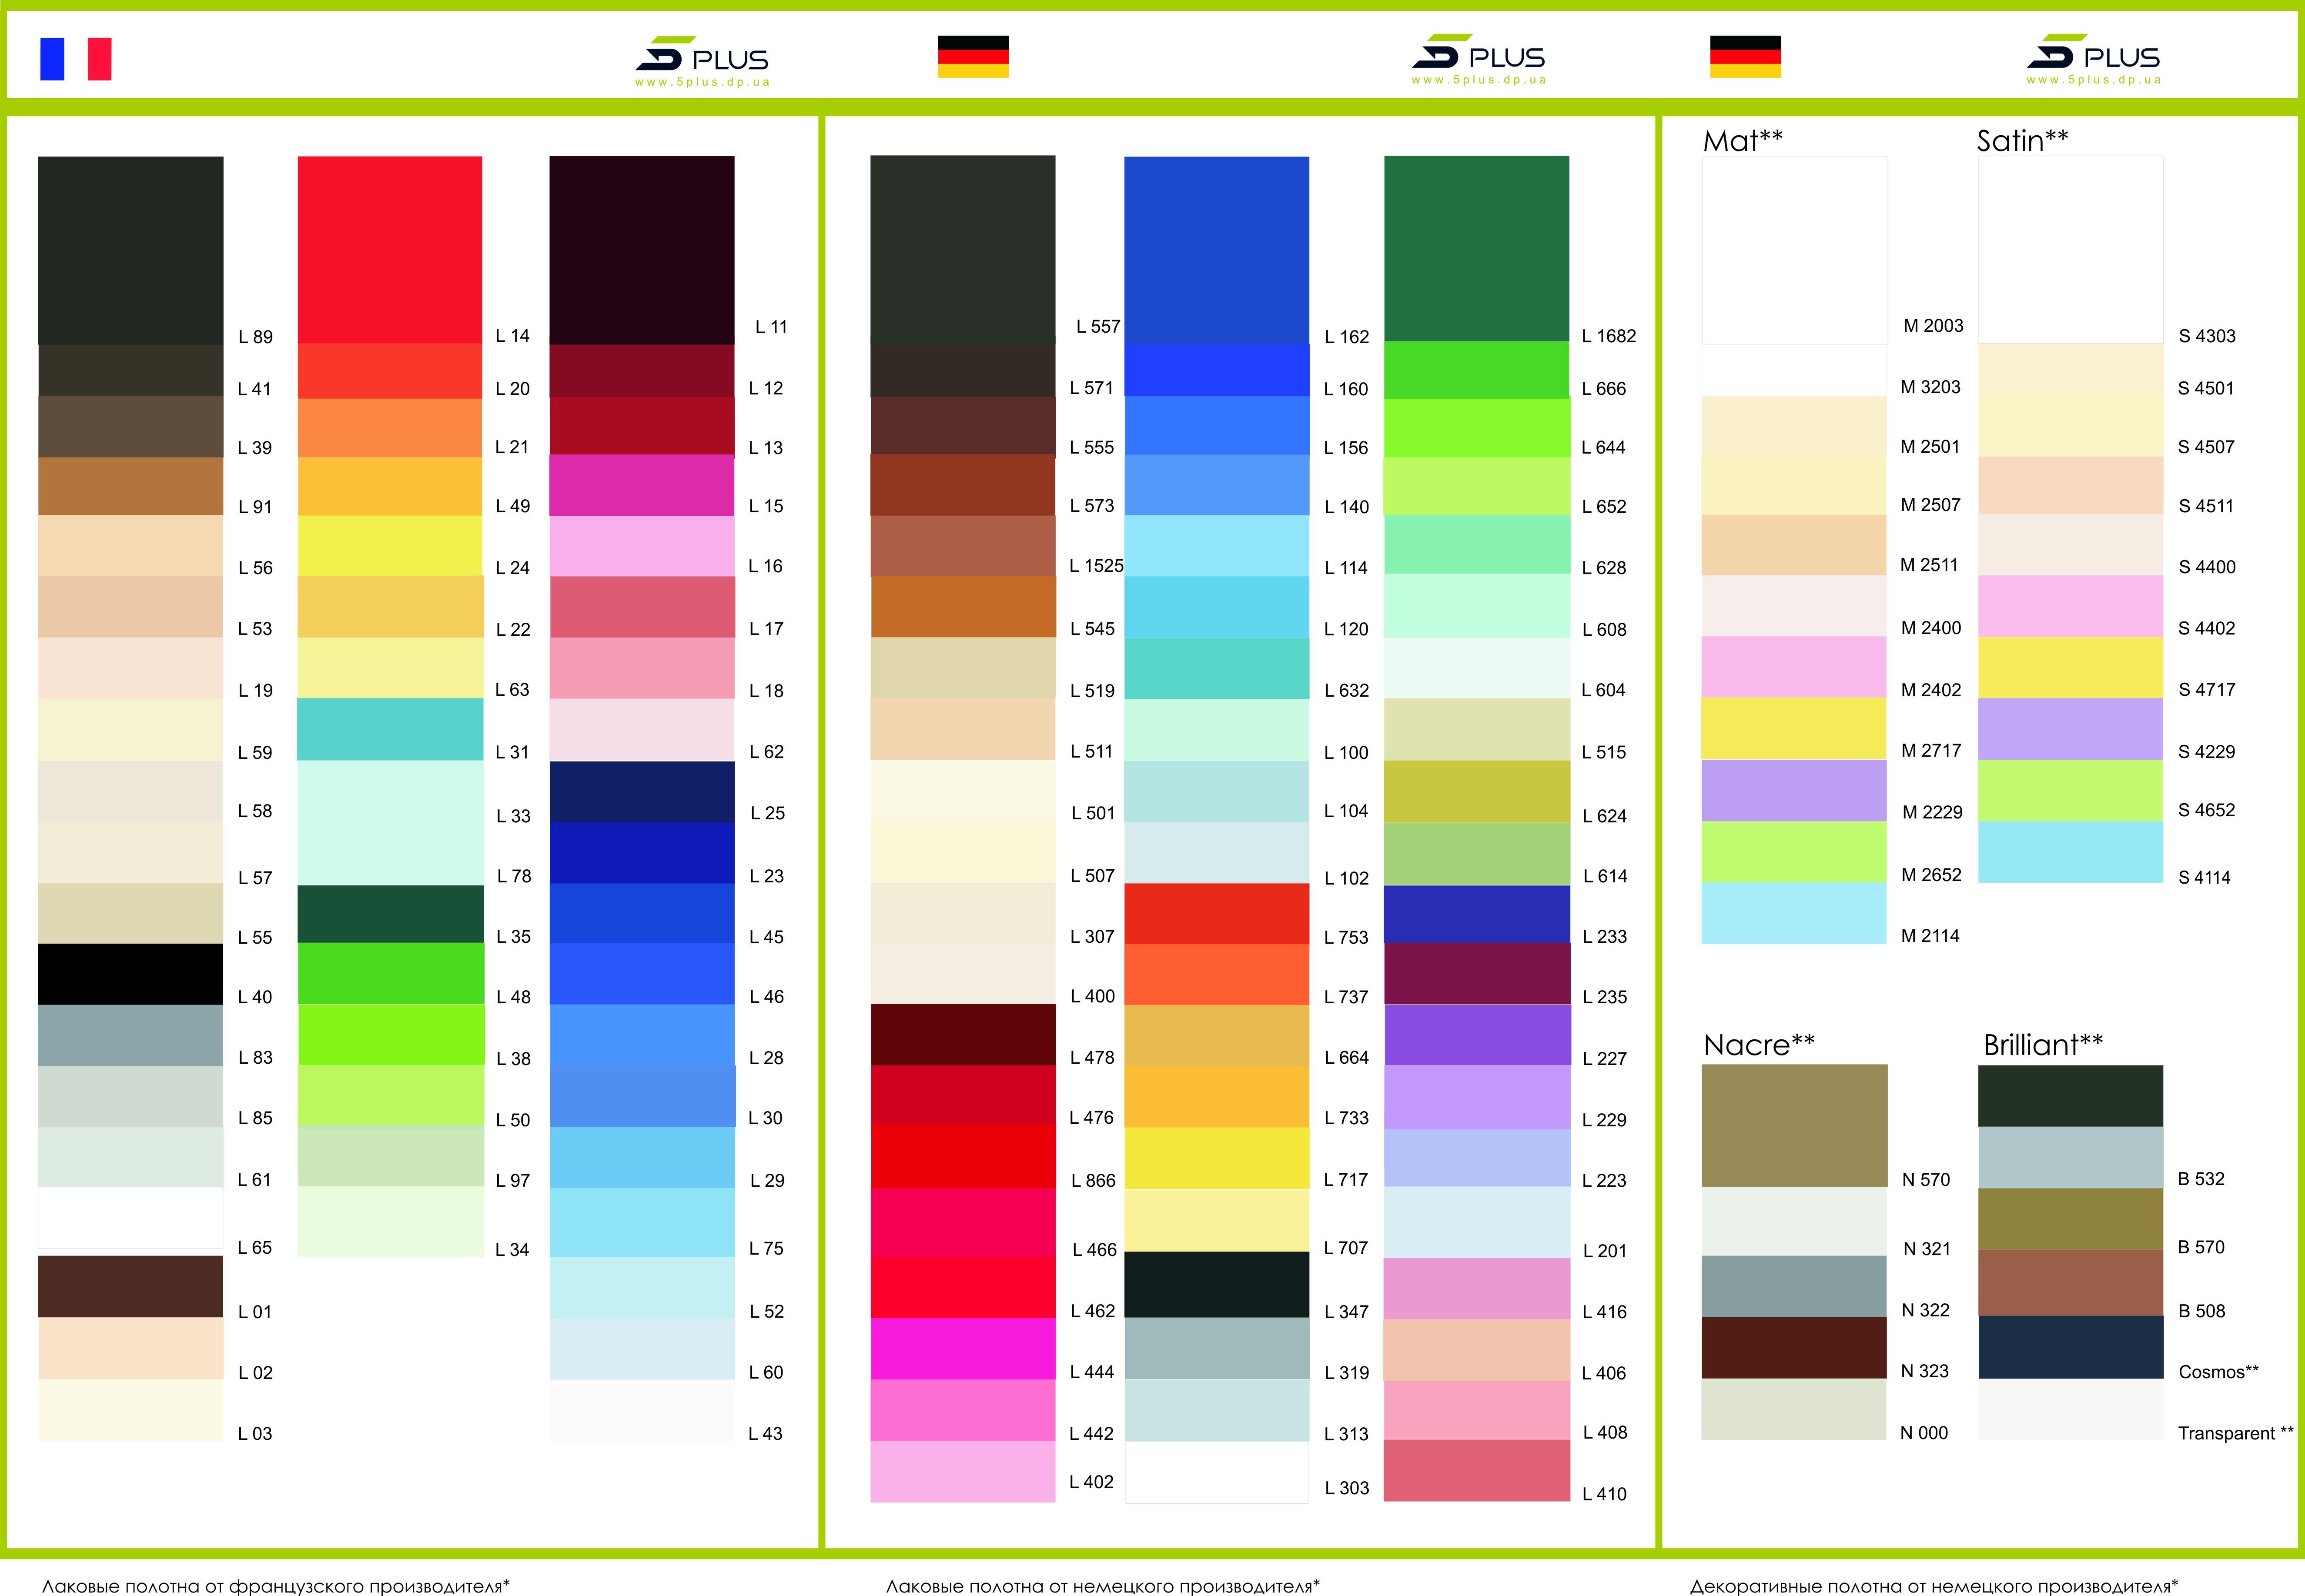 пальпации, ротации натяжные потолки каталог цветов фото вас рецепты приготовления